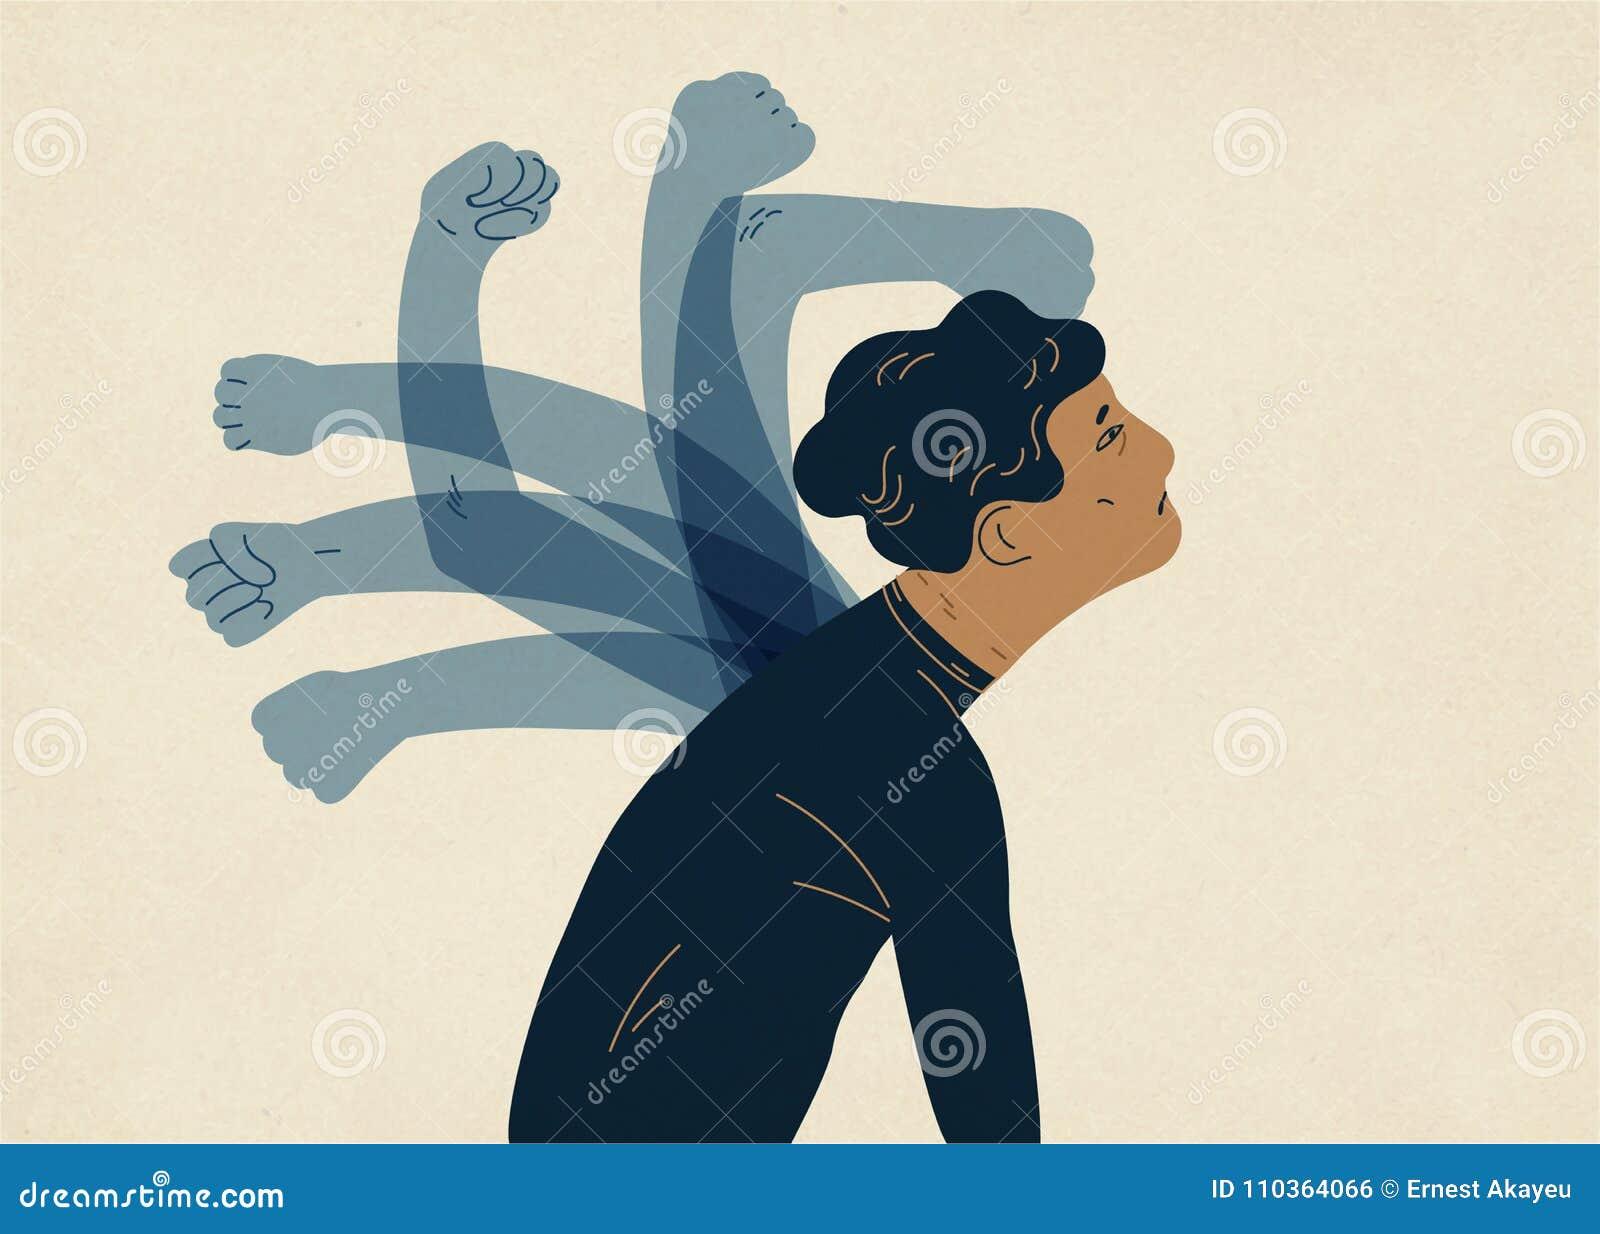 Mains fantomatiques translucides battant l homme Concept d auto-flagellation psychologique, autopunition, avilissement, individu